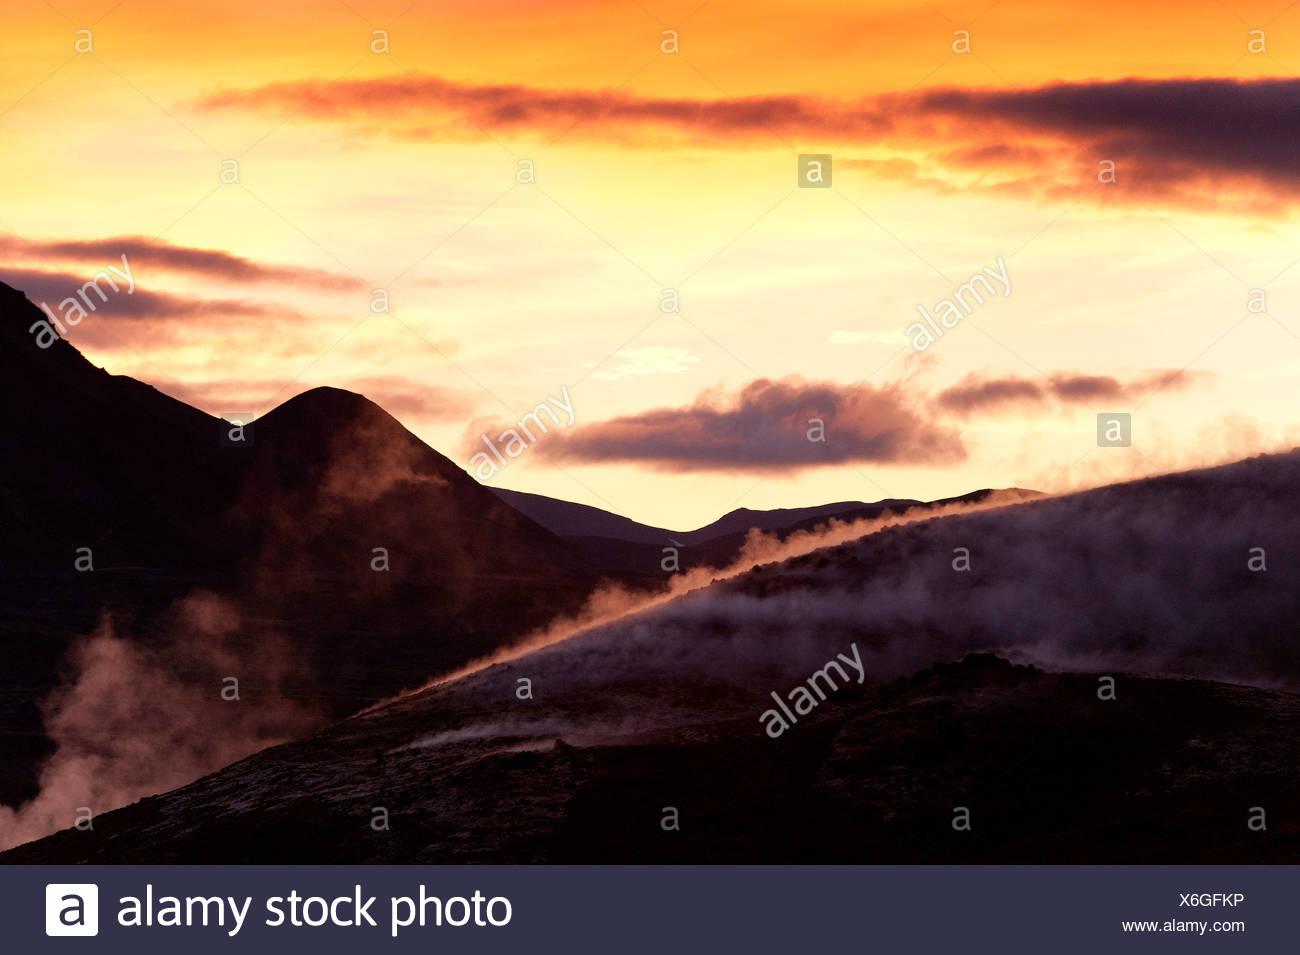 Aumento del vapore, energia geotermica, nei pressi del Lago Myvatn, Nord Islanda, Europa Immagini Stock